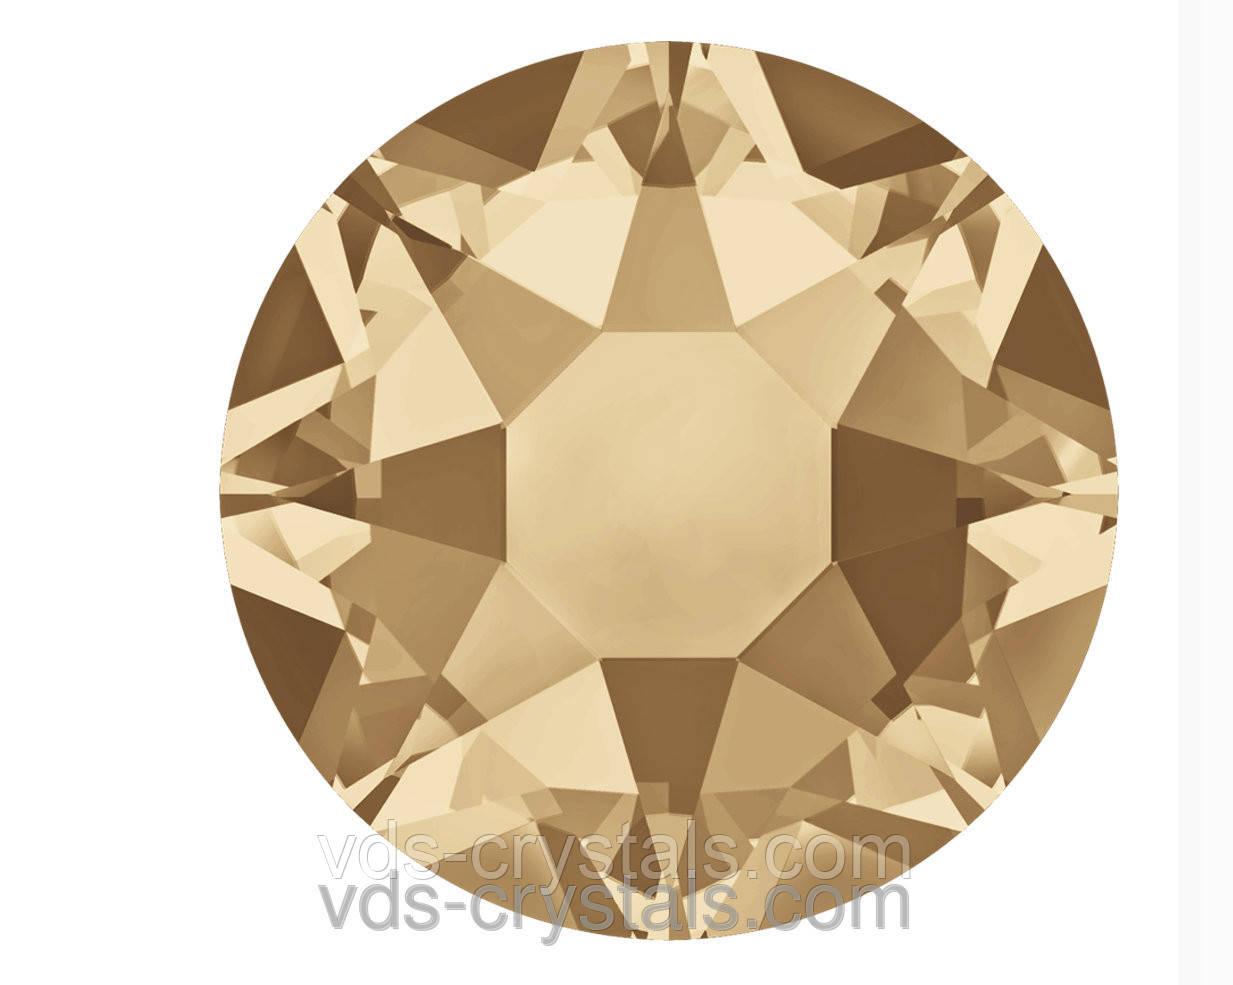 Камни Сваровски клеевые горячей фиксации 2078 Crystal Golden Shadow F (001 GSHA)